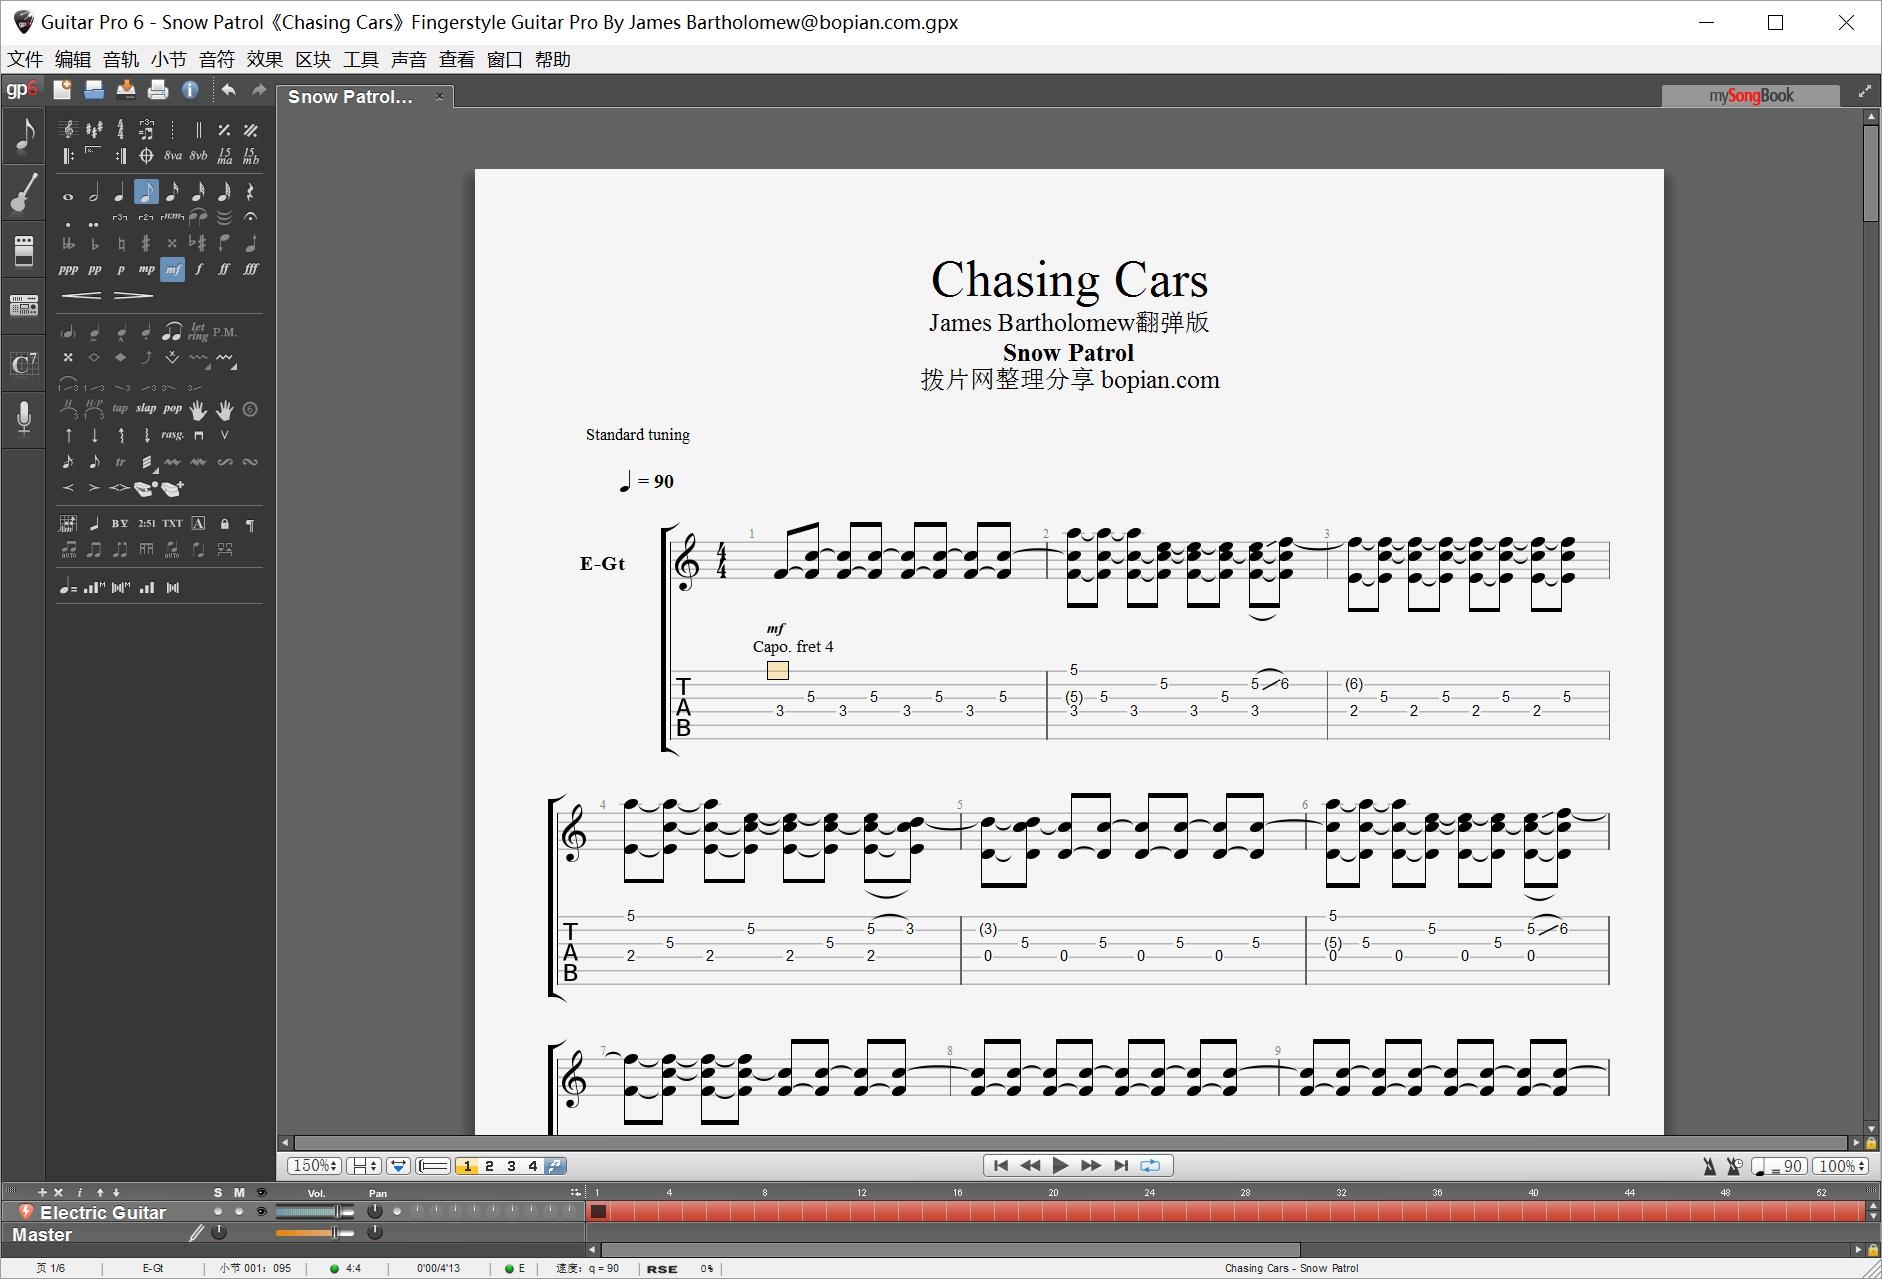 拨片网_Snow_Patrol《Chasing_Cars》Fingerstyle_Guitar_Pro_By_James_Bartholomew@bopian.com_.png